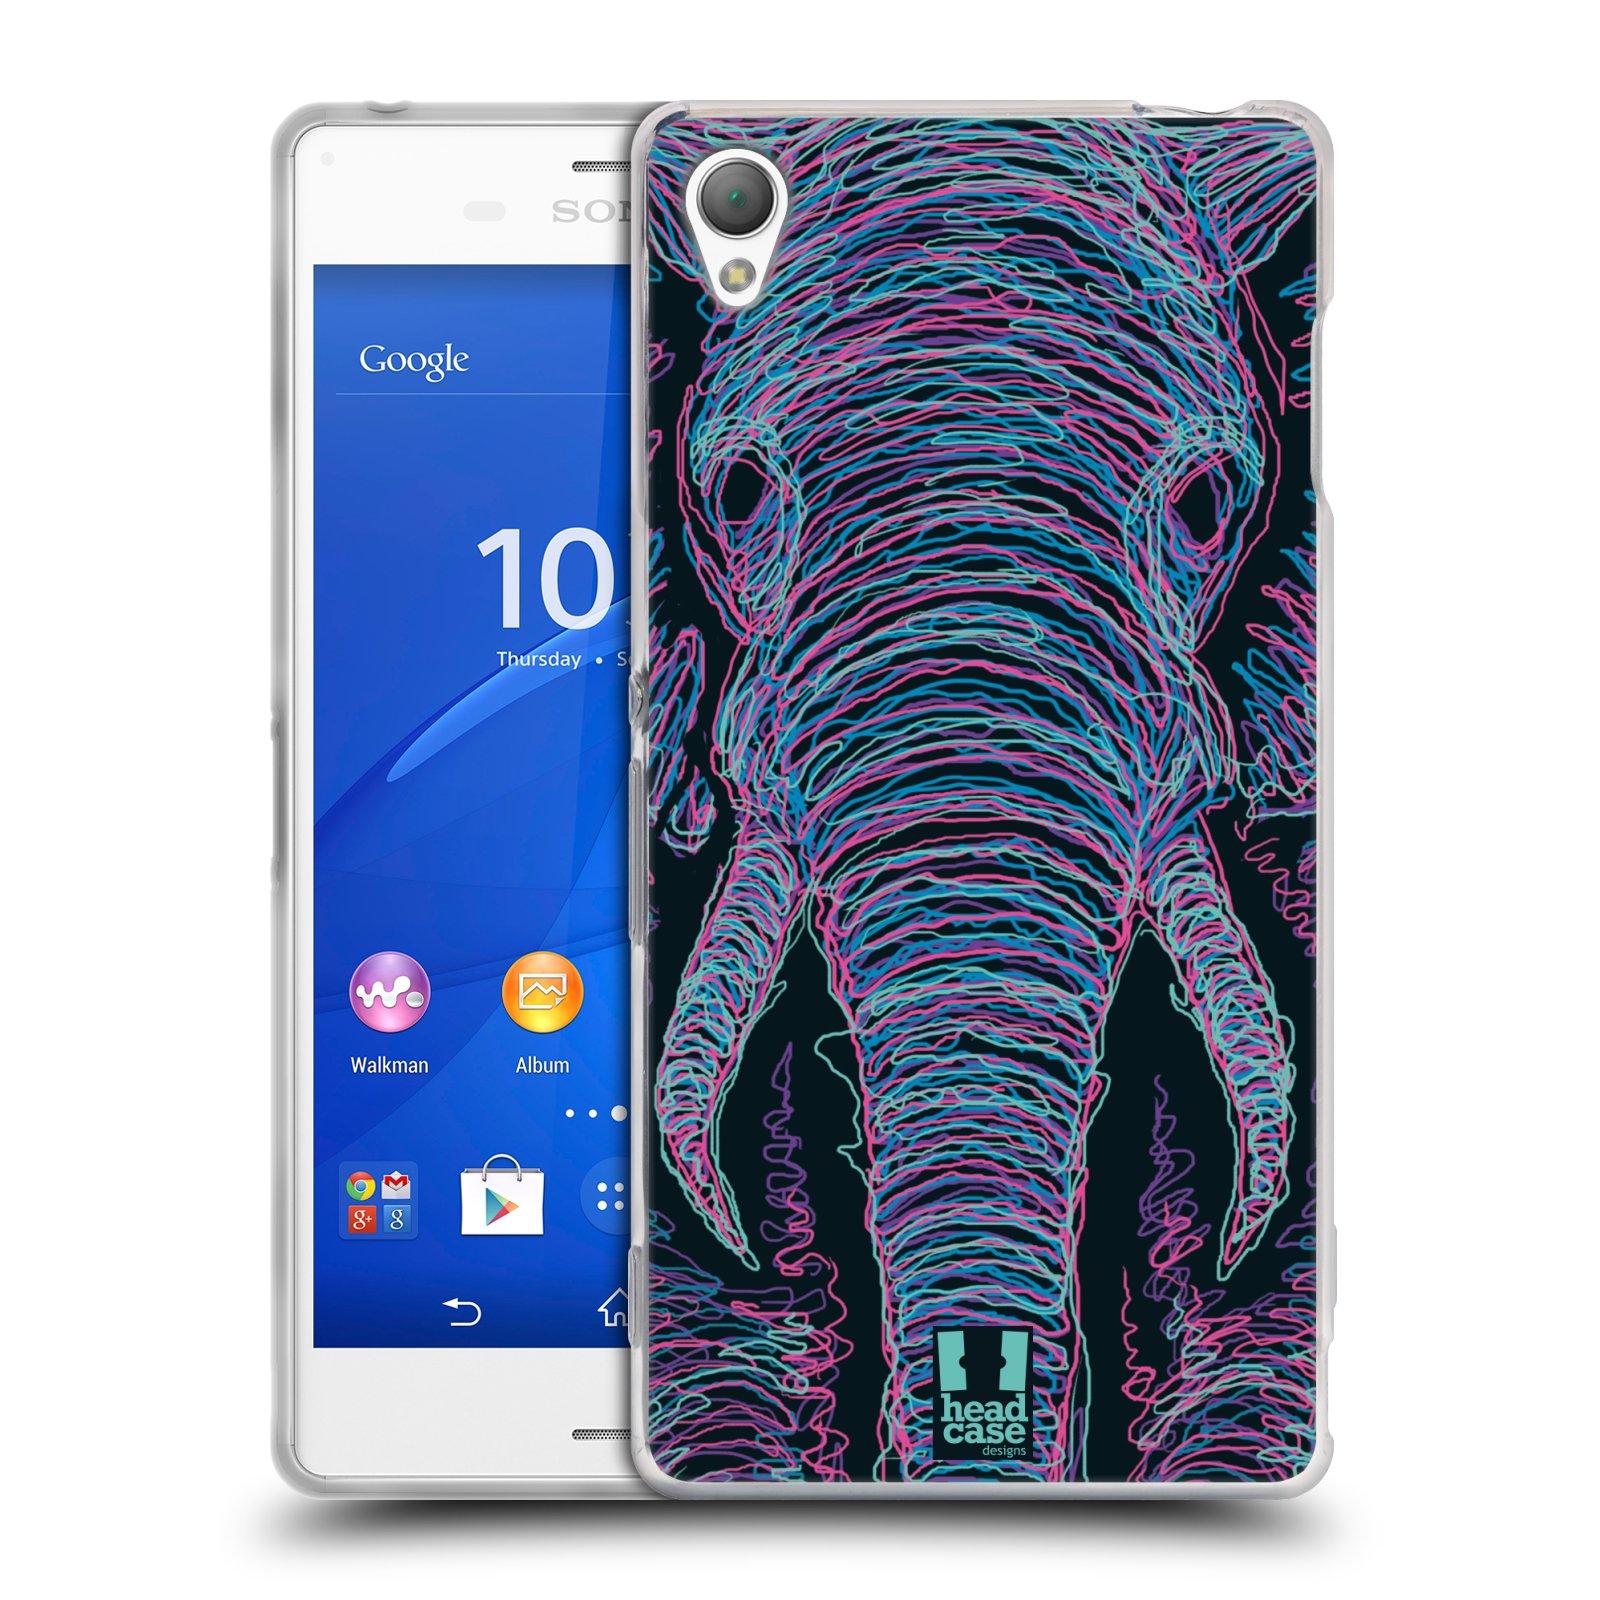 HEAD CASE silikonový obal na mobil Sony Xperia Z3 vzor zvíře čmáranice slon